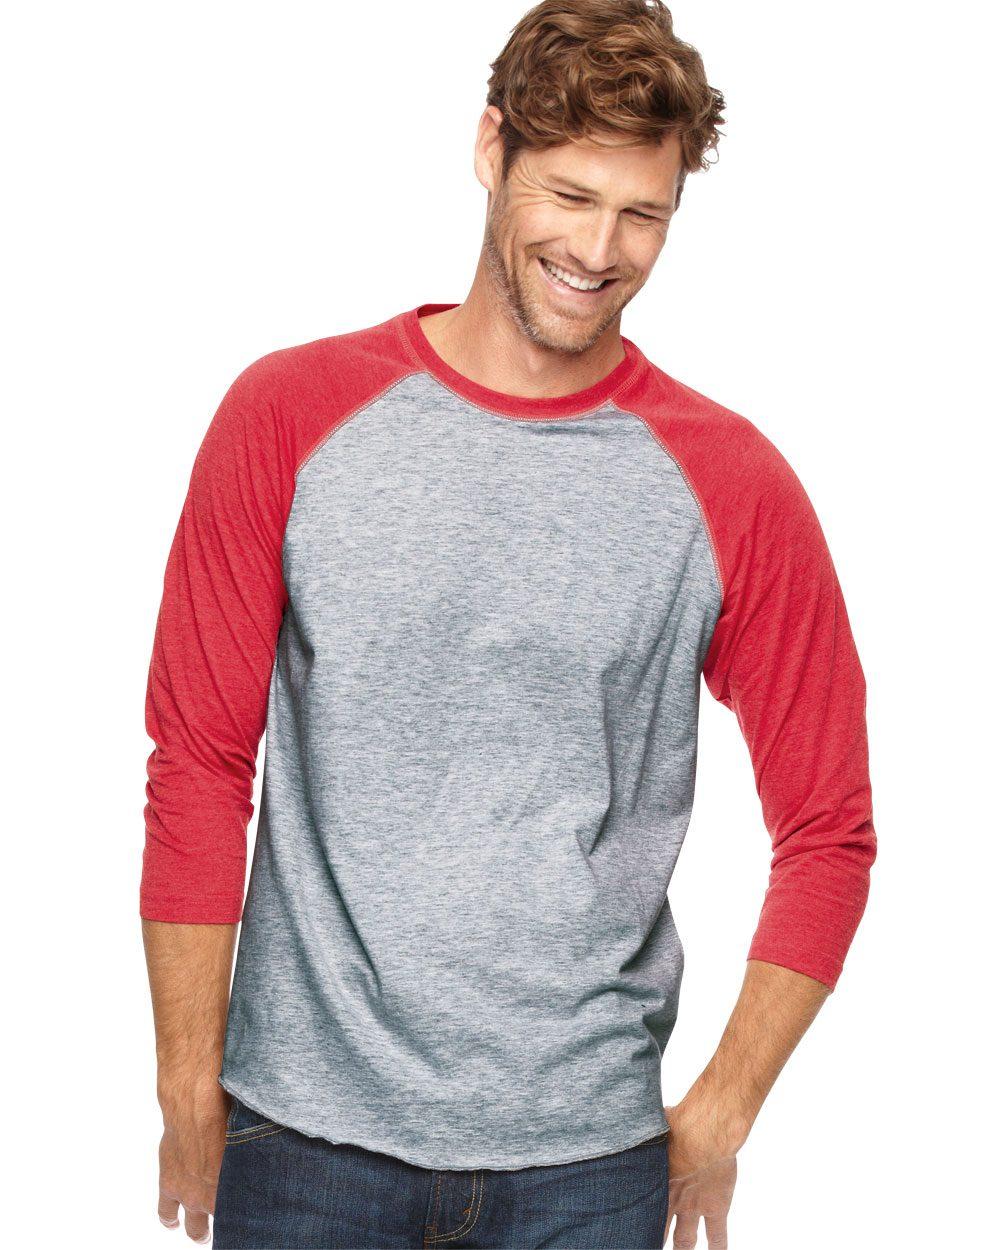 LAT 6930 - Fine Jersey 3/4 Sleeve Baseball T-Shirt